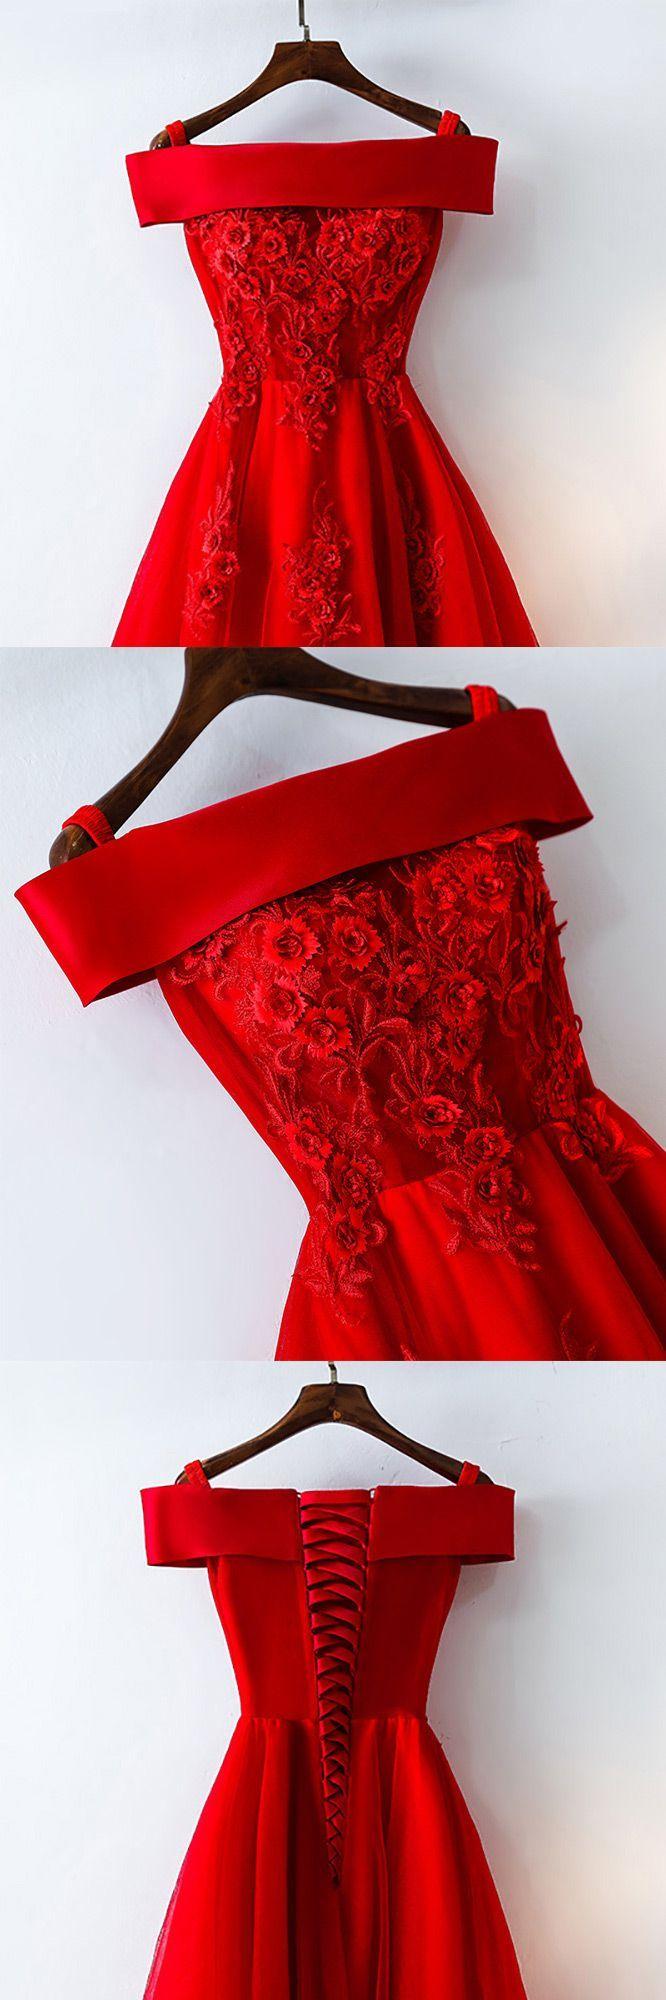 Kurze Schulterfrei rote Spitze Brautkleid – $ 109 # MYX18171 – SheProm.com